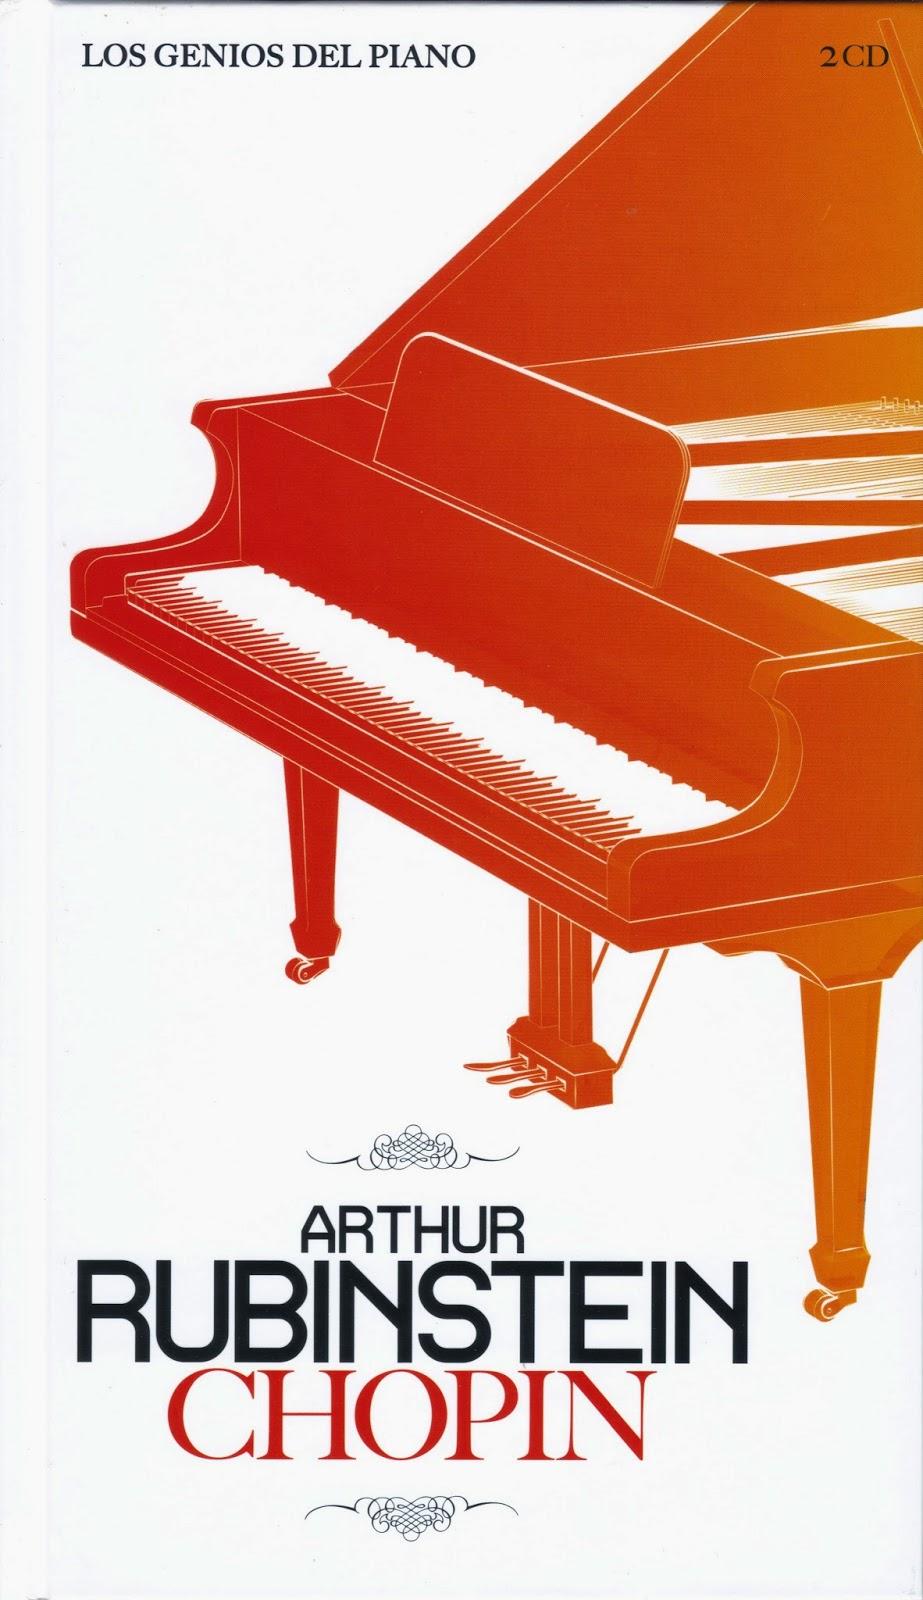 Imagen de Colección Los Genios del Piano-01-Arthur Rubinstein & Chopin